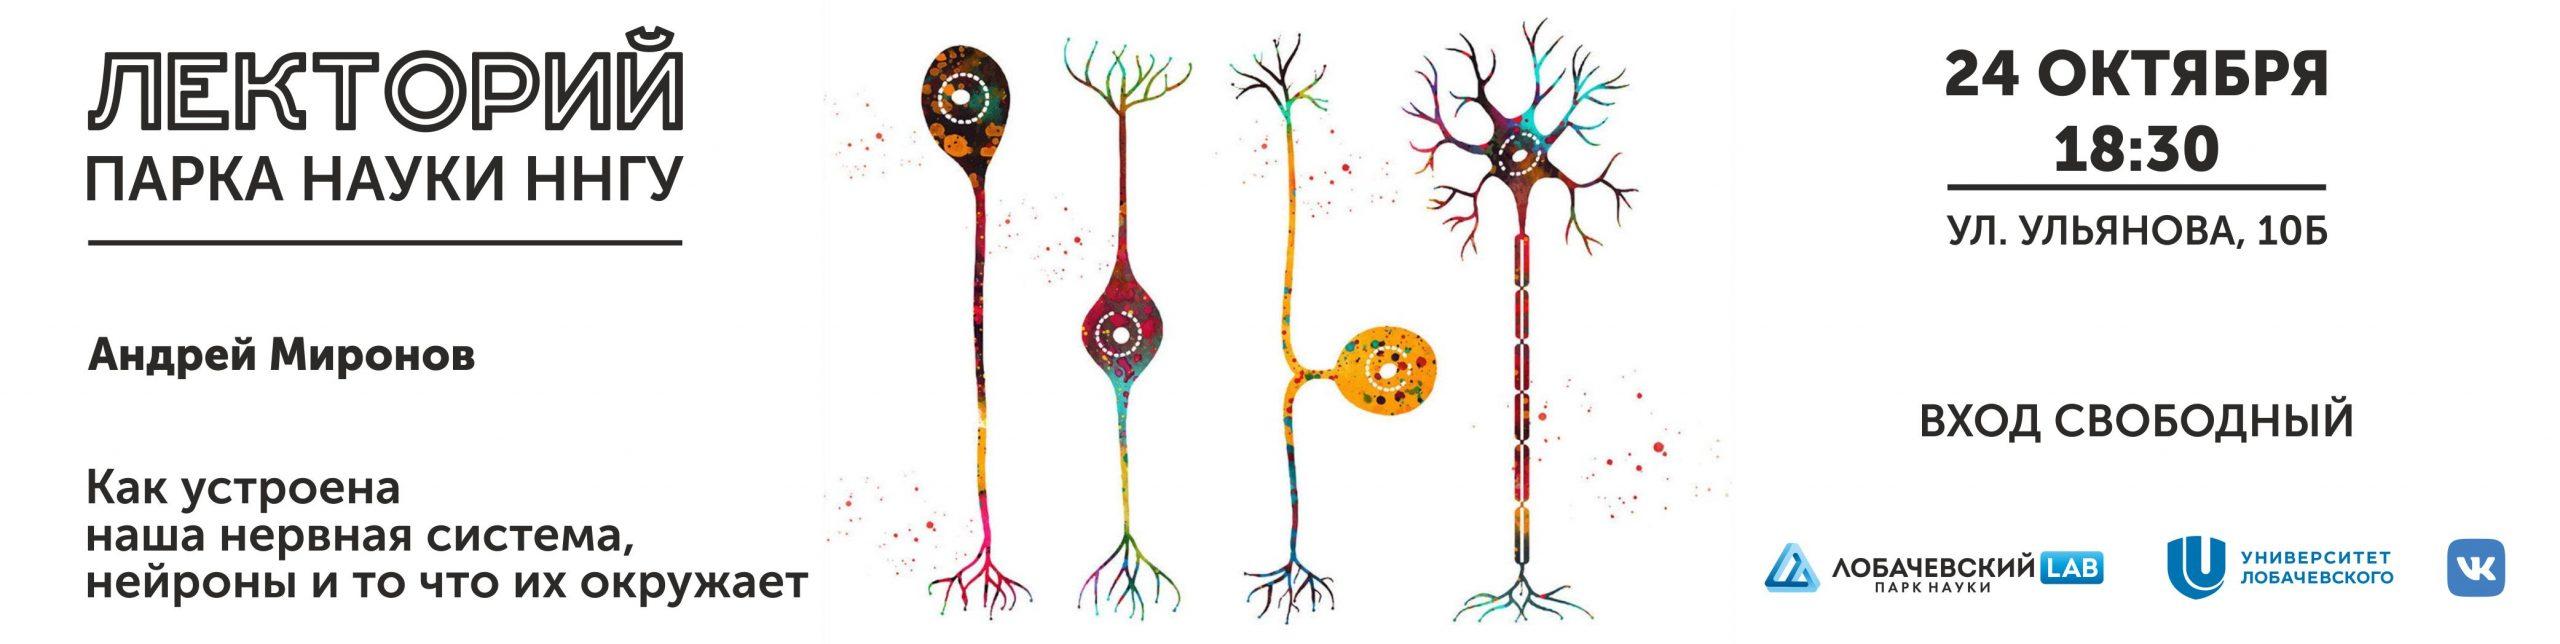 Лекция Андрея Миронова «Как устроена наша нервная система, нейроны и то что их окружает»